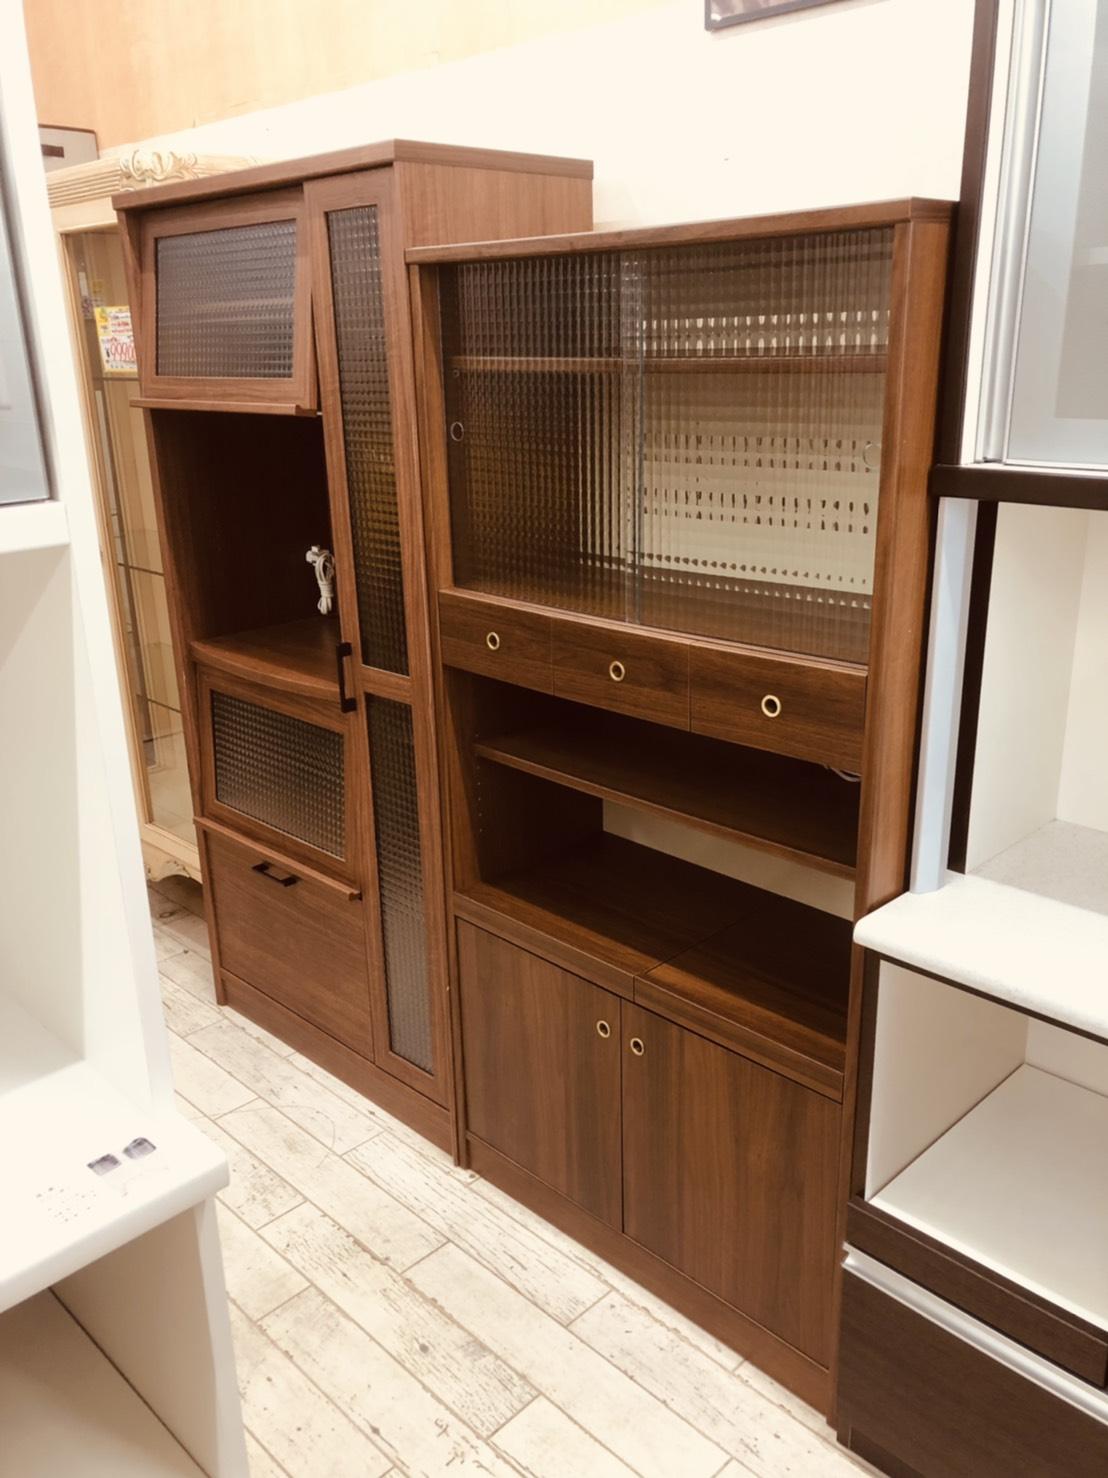 【🌟美品🌟NOCE /ユーアイ家具🌟食器棚/カップボード/レンジボード🌟ANALOGUE/クルム🌟K-900HOP BR/CA-800HOP🌟北欧デザインの食器棚🌟】をセットで買取りさせて頂きました。の買取-